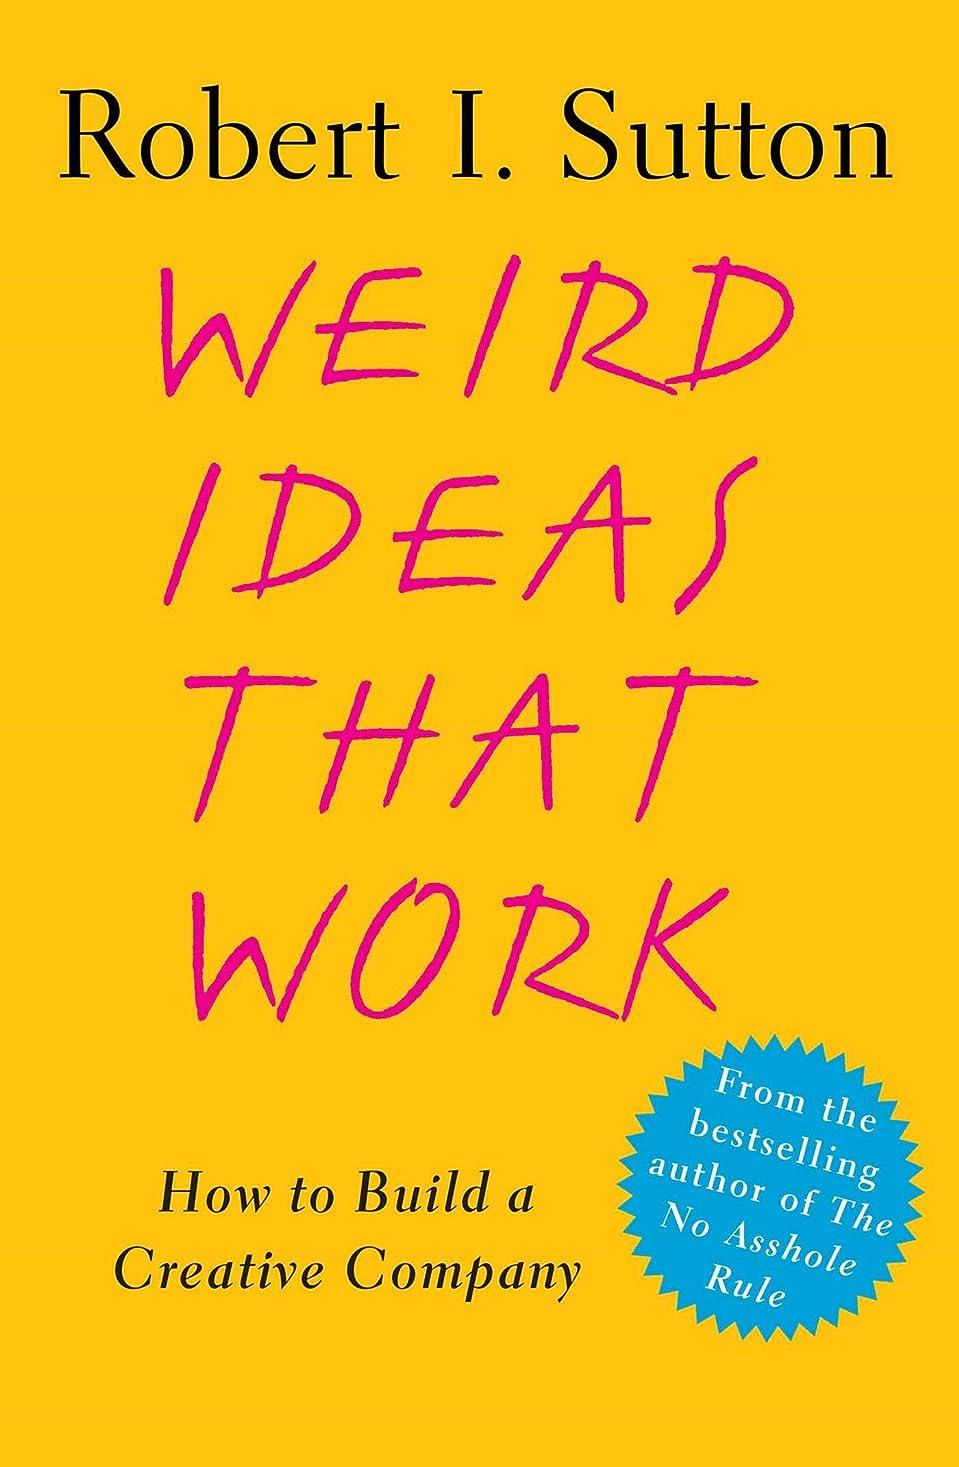 満了おしゃれな幻想Weird Ideas That Work: 11 1/2 Practices for Promoting, Managing, and Sustaining Innovation (English Edition)